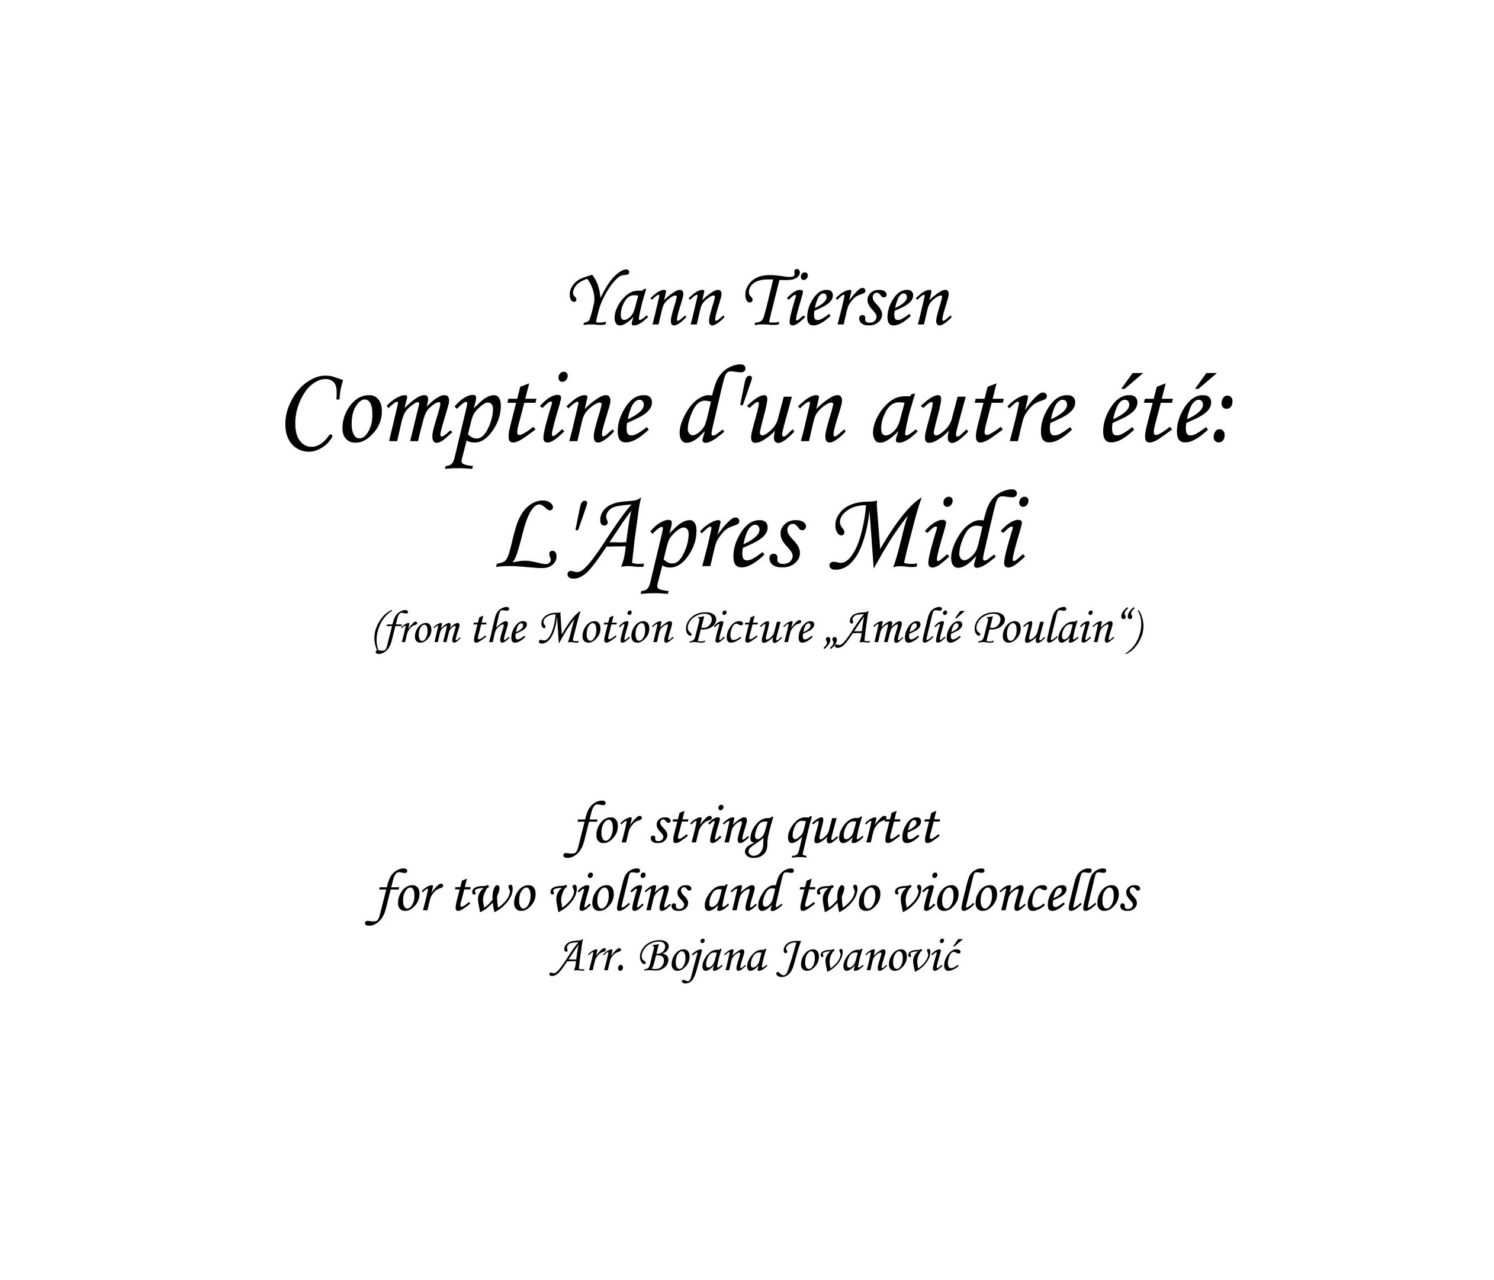 Comptine Dun Autre Ete Lapres Midi Yann Tiersen